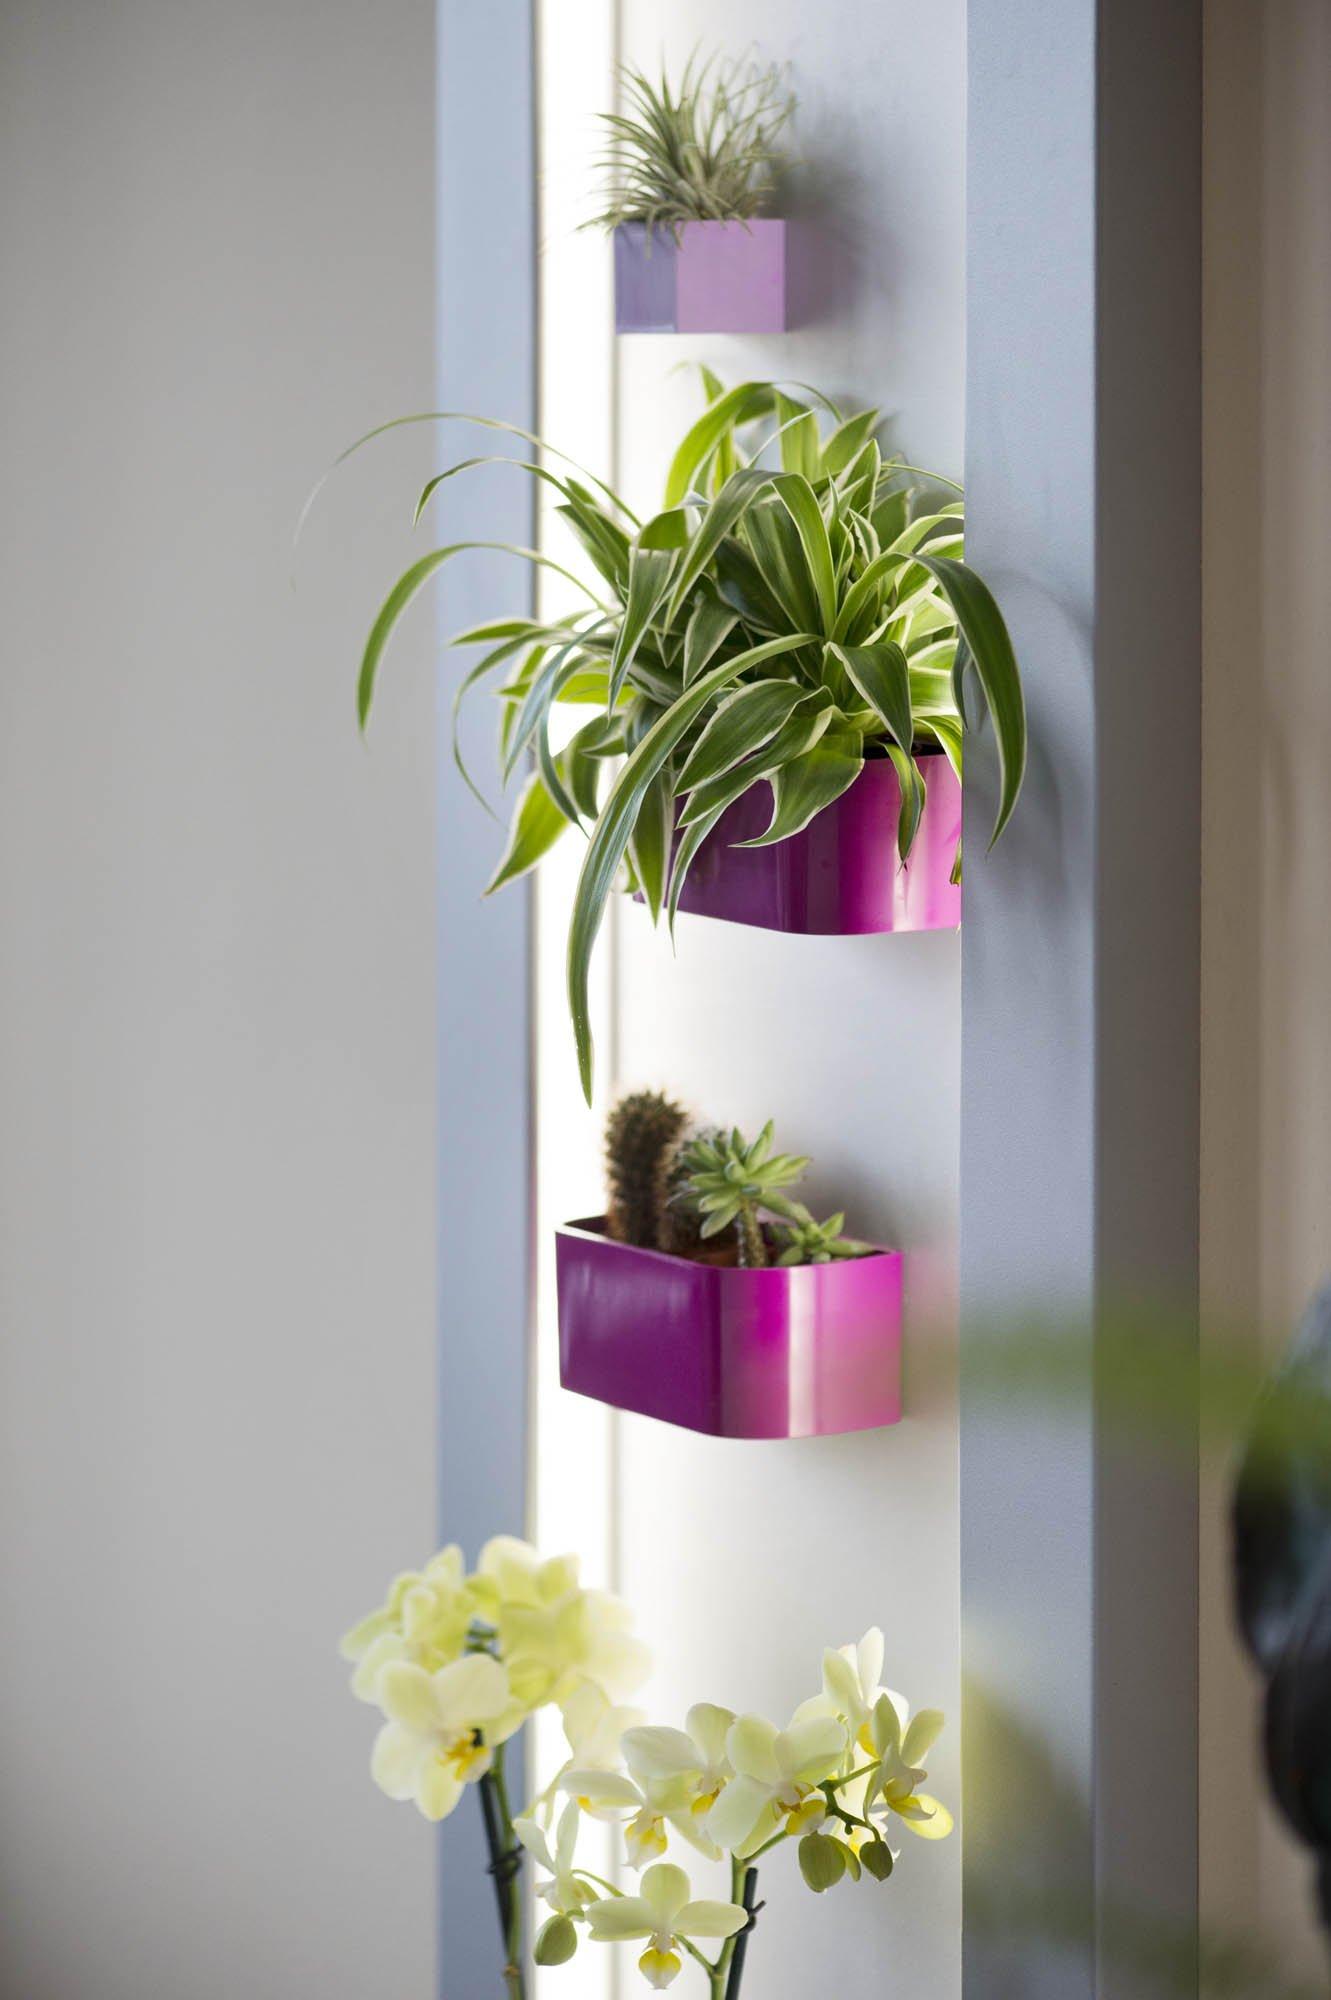 magnettafel mit rahmen beleuchtet im greenbop online shop kaufen. Black Bedroom Furniture Sets. Home Design Ideas